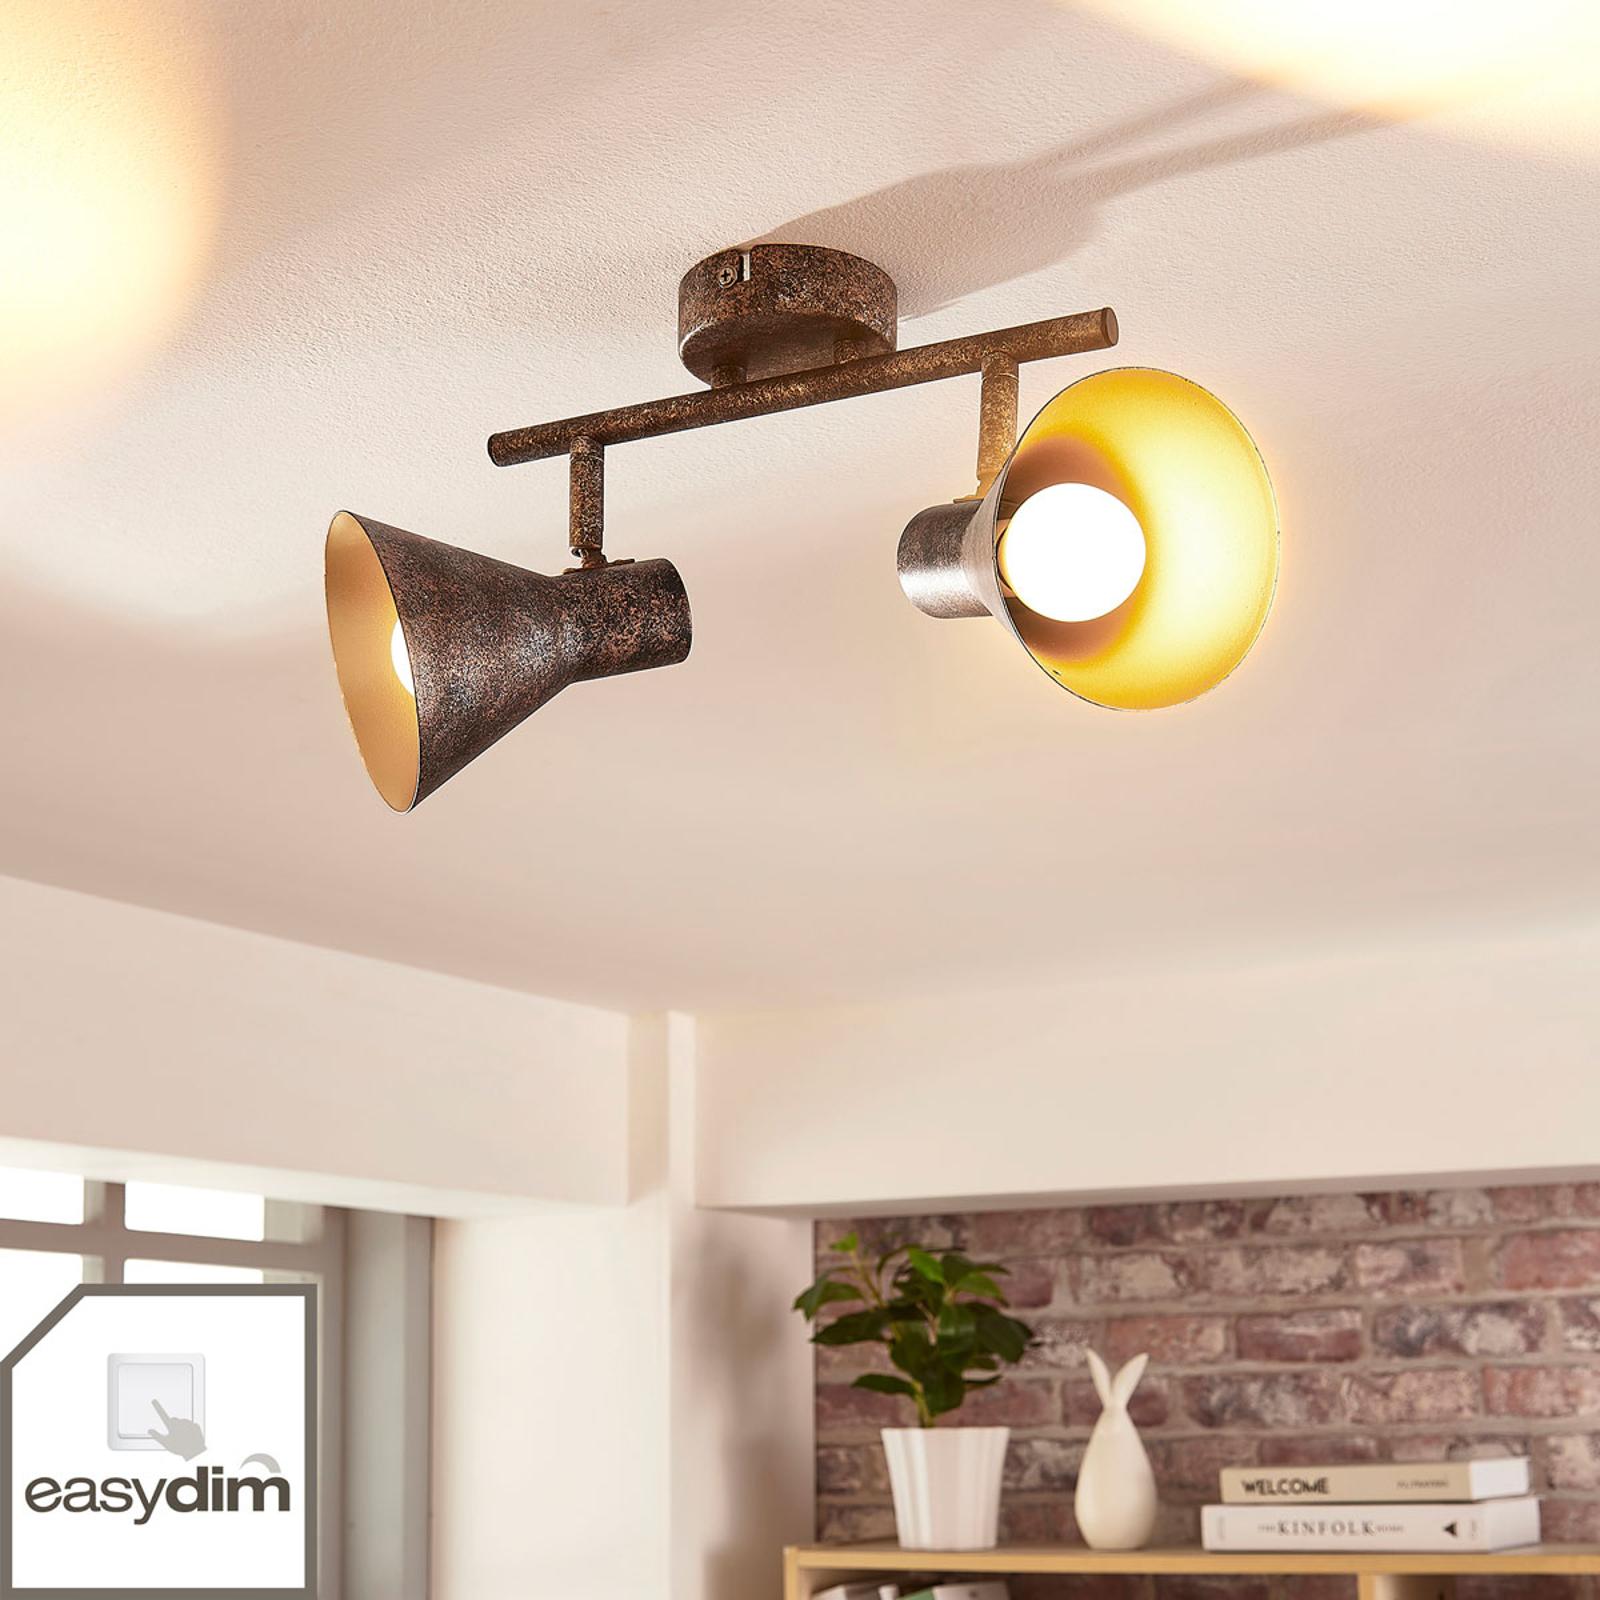 Svart-gyllene LED-taklampa Zera, easydim